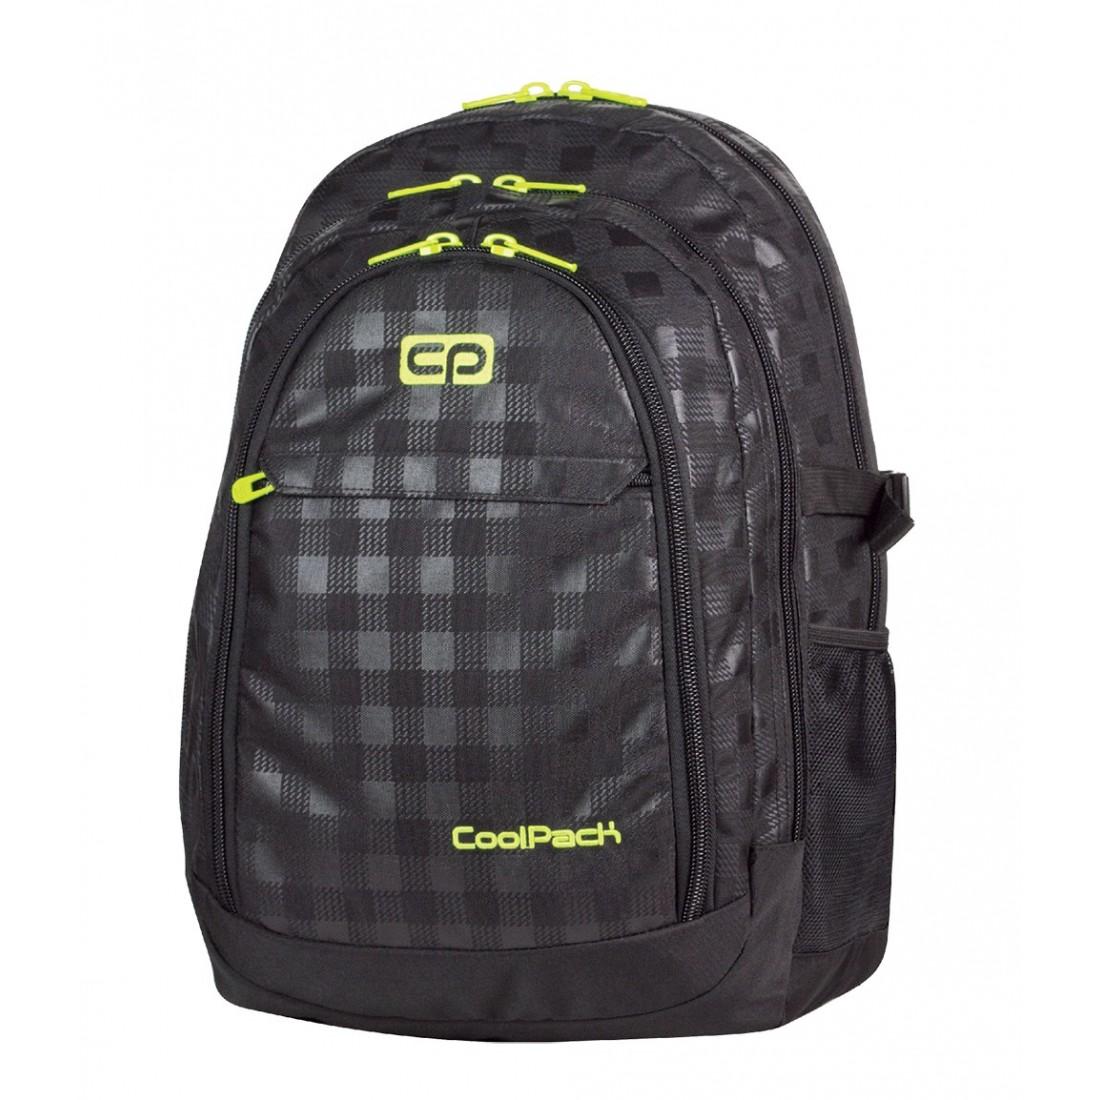 Duży plecak młodzieżowy CoolPack 415 Grand Black&Yellow dla chłopaka - plecak-tornister.pl